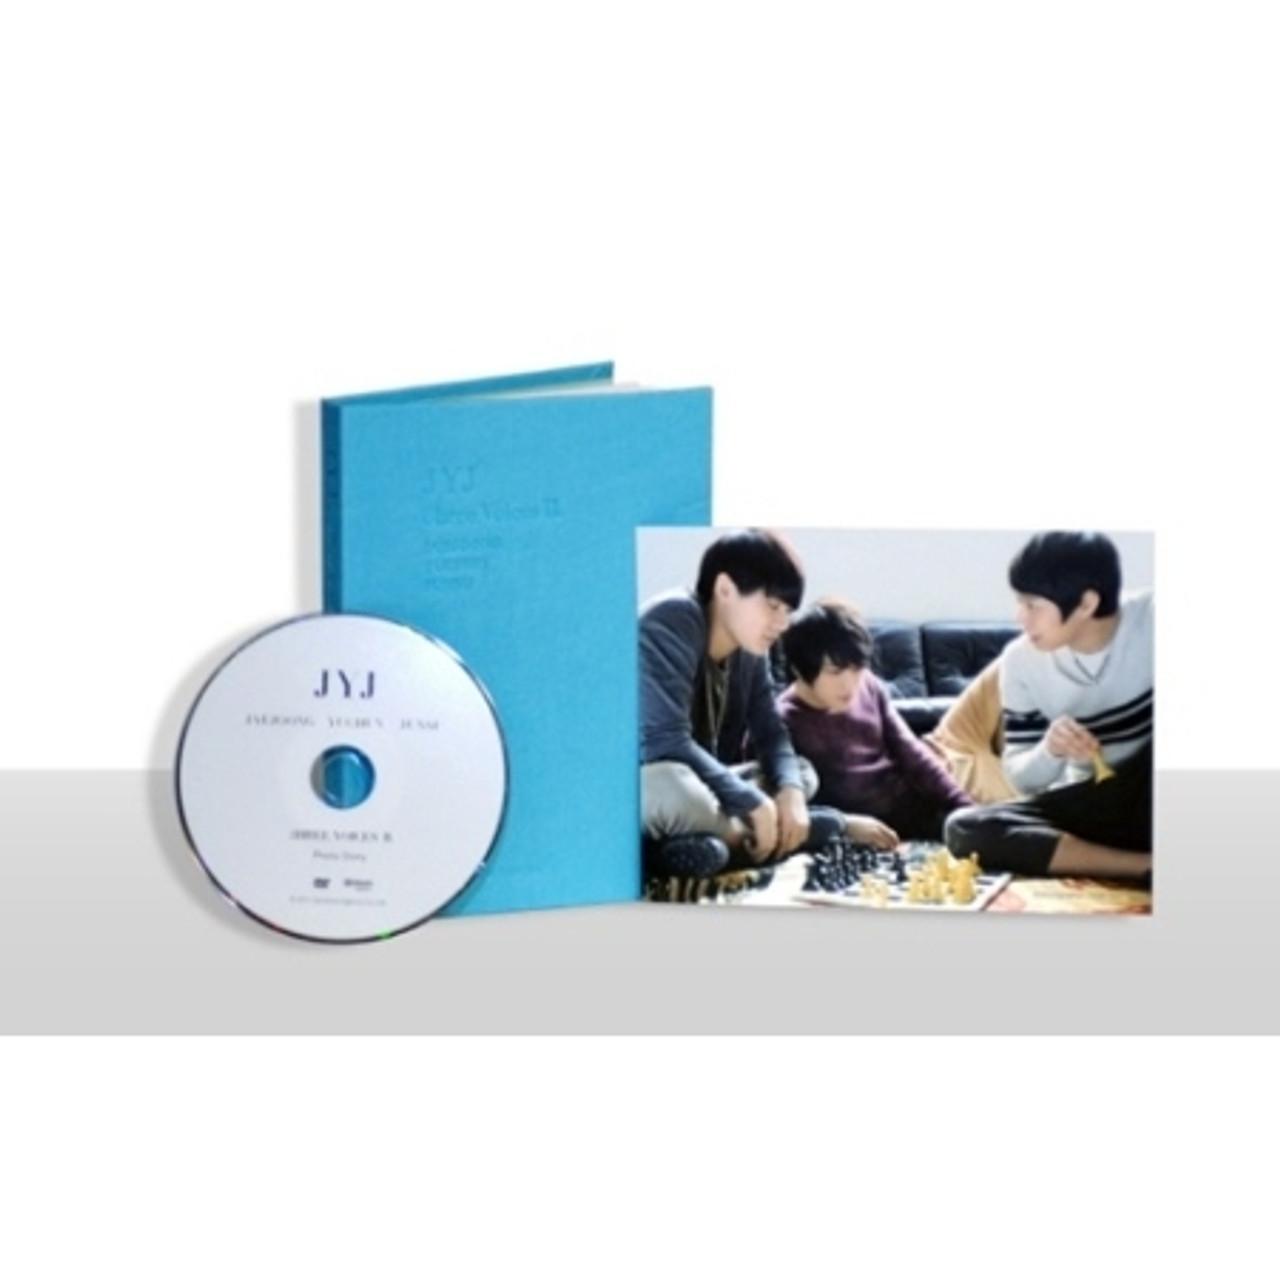 JYJ - 3hree Voices 2 Photo Story (Mini Photo Book+Postcard Free)